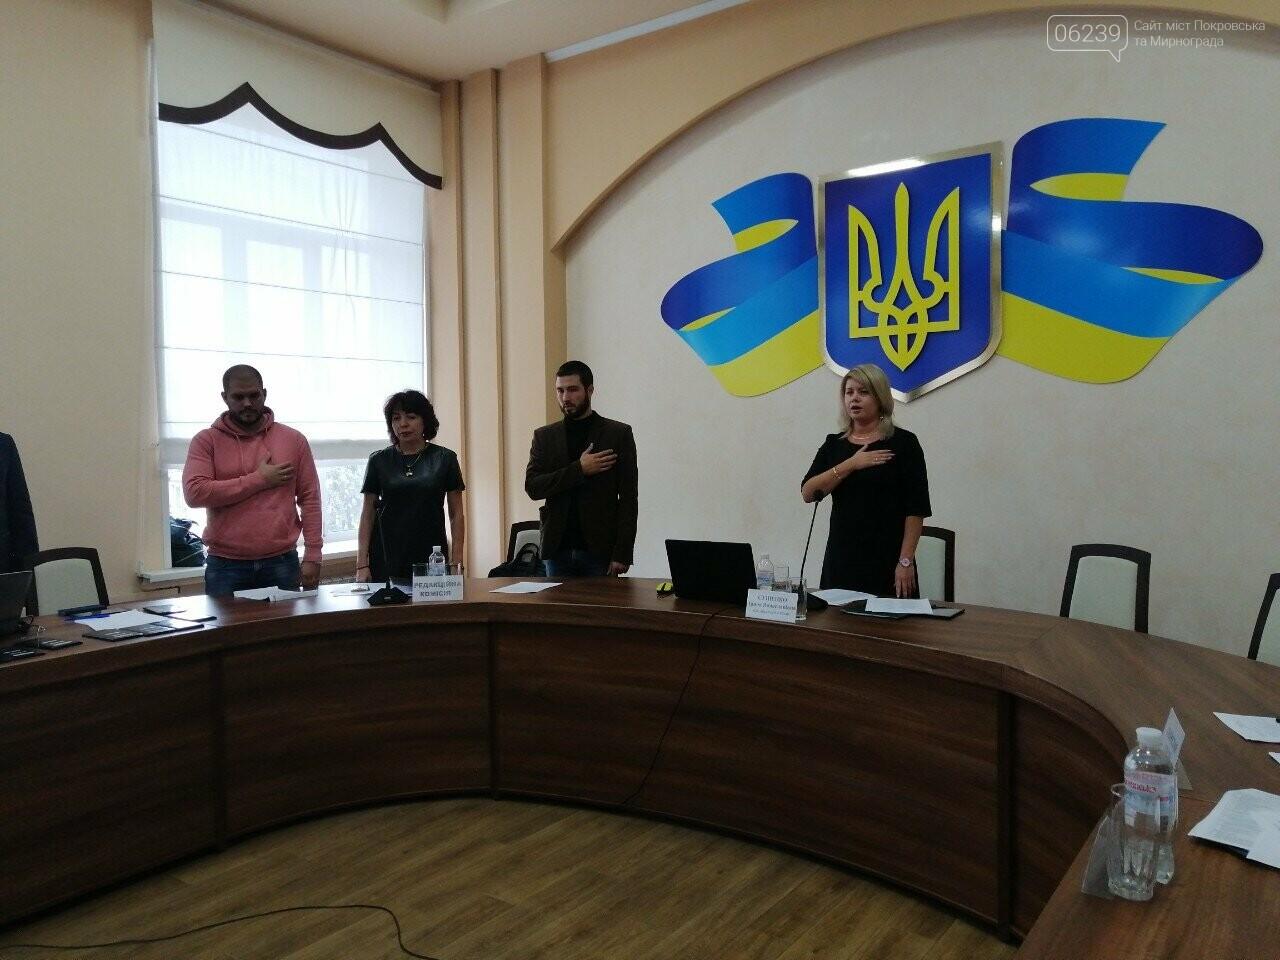 Депутаты Покровска не хотят слушать доклады: основные и земельные вопросы рассмотрены двумя блоками, фото-6